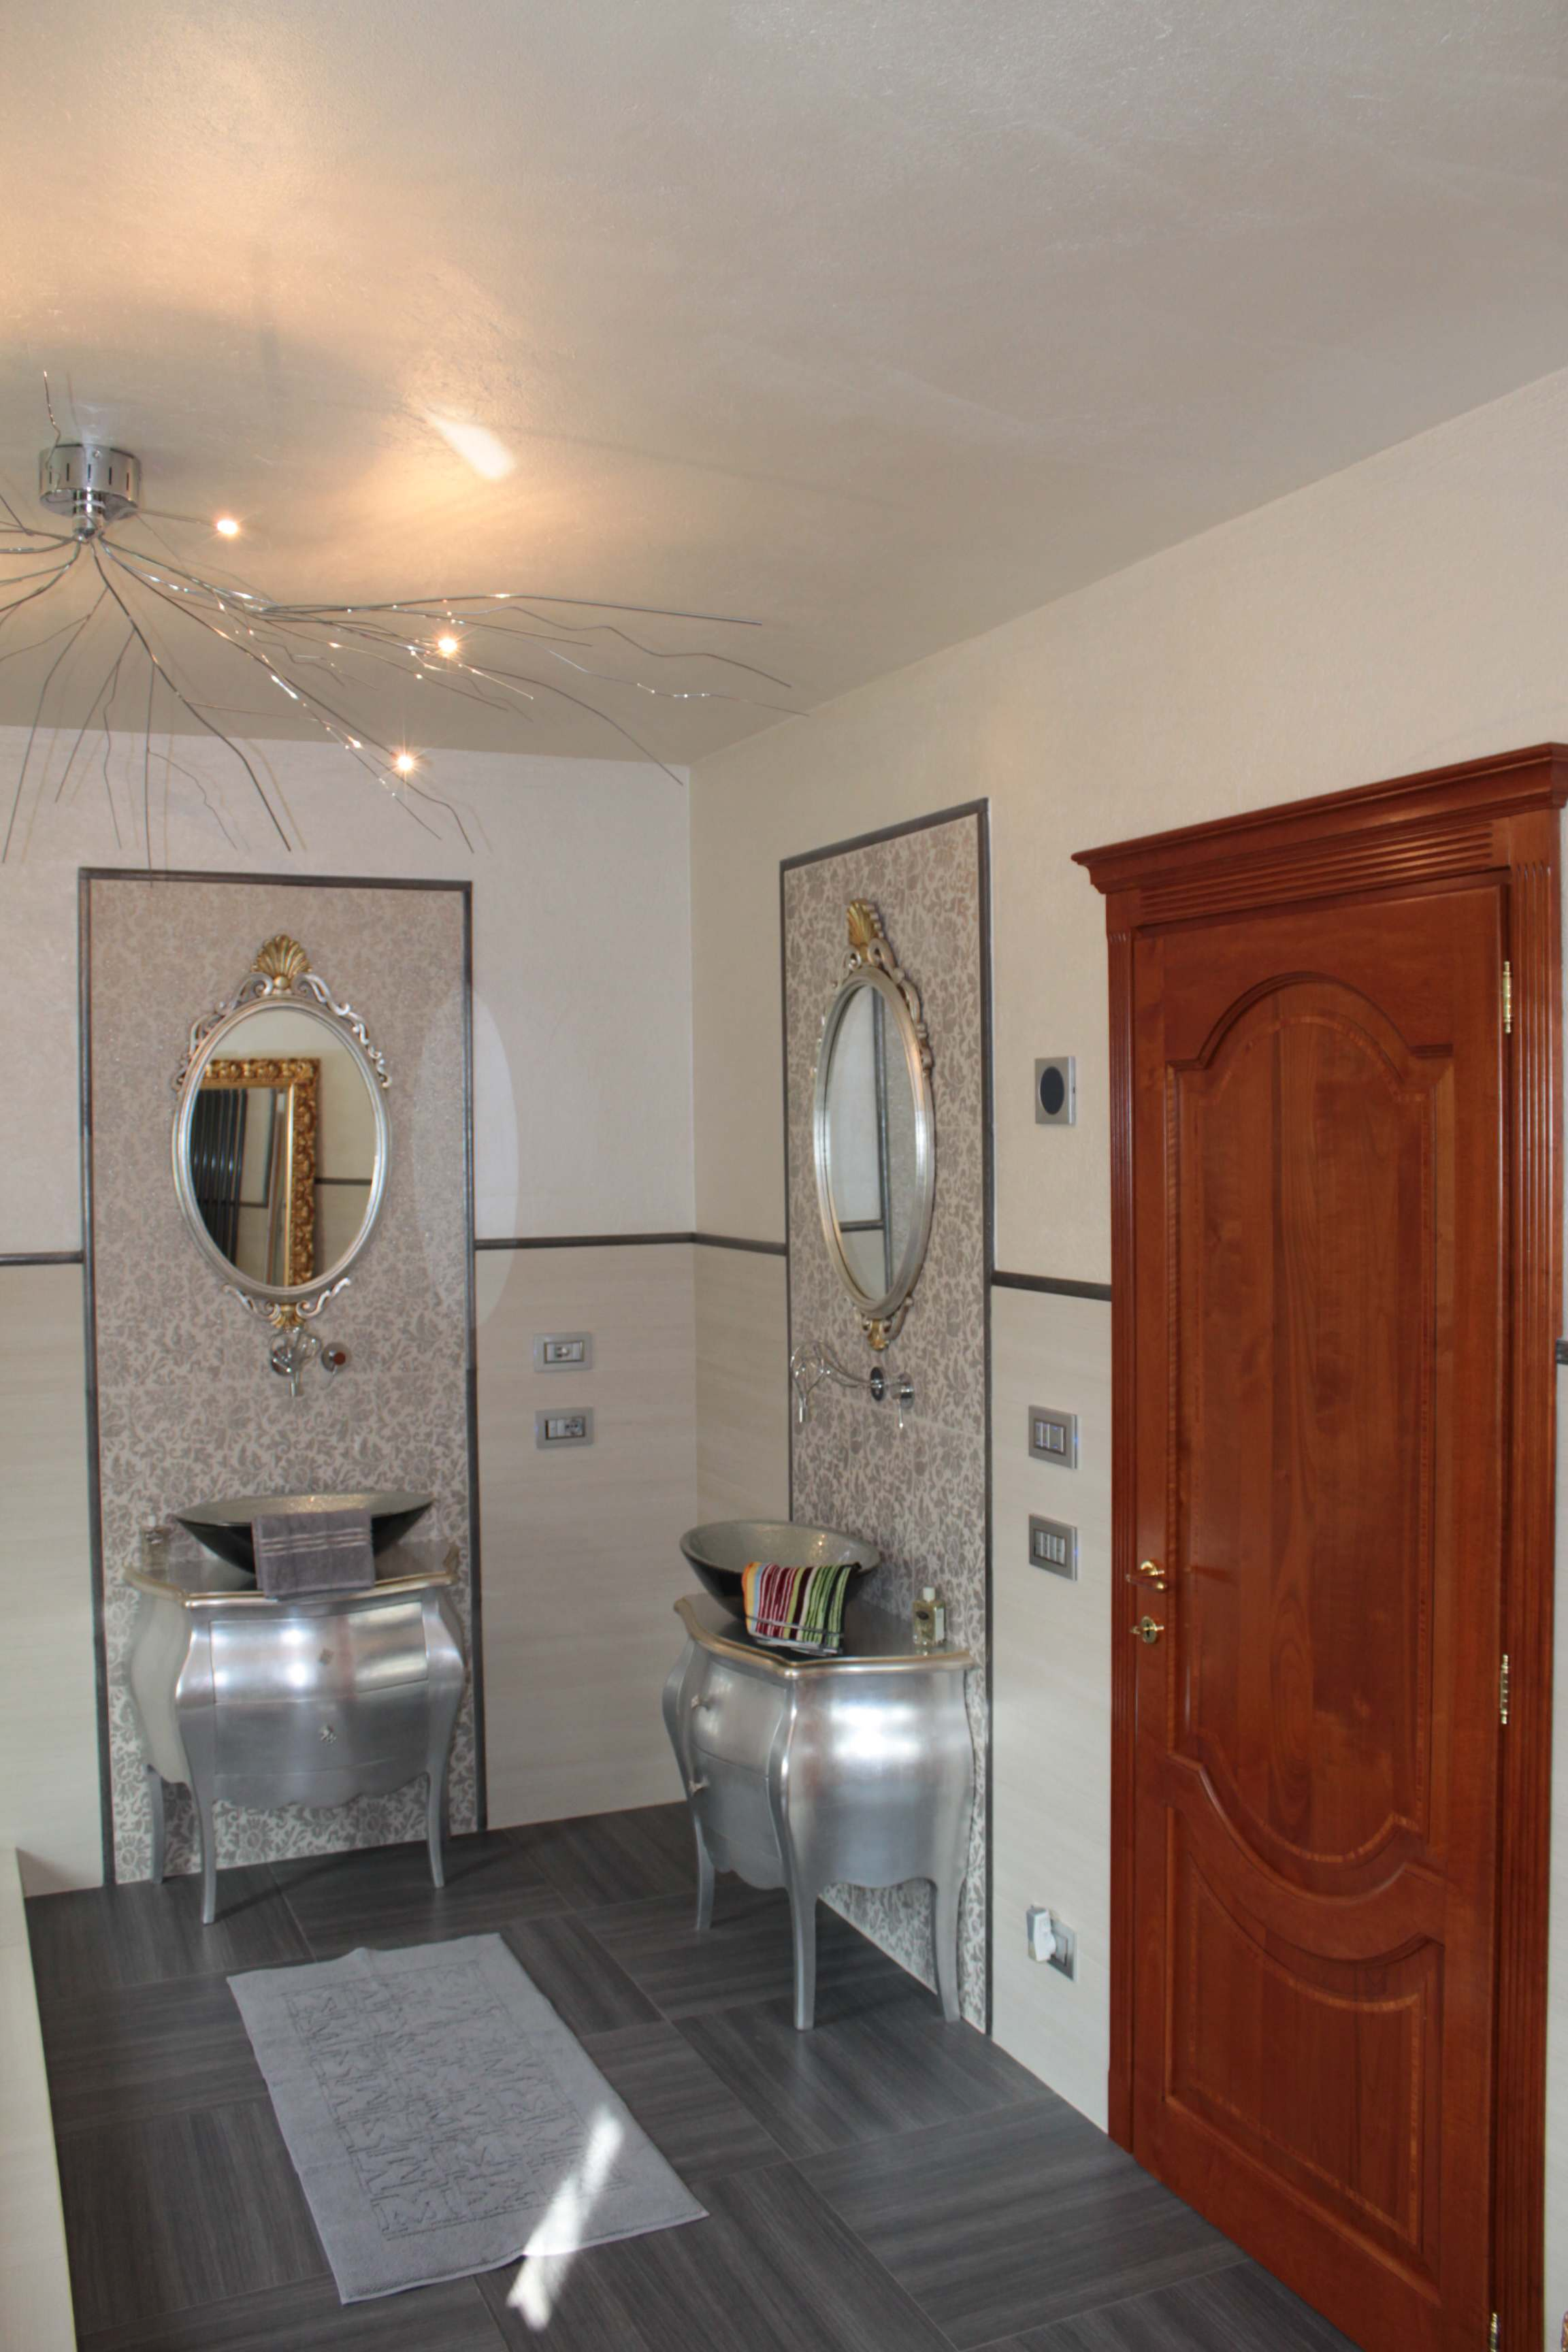 Arredo Bagno Cuneo, Arredi per bagni Cuneo, Mobili bagno Cuneo